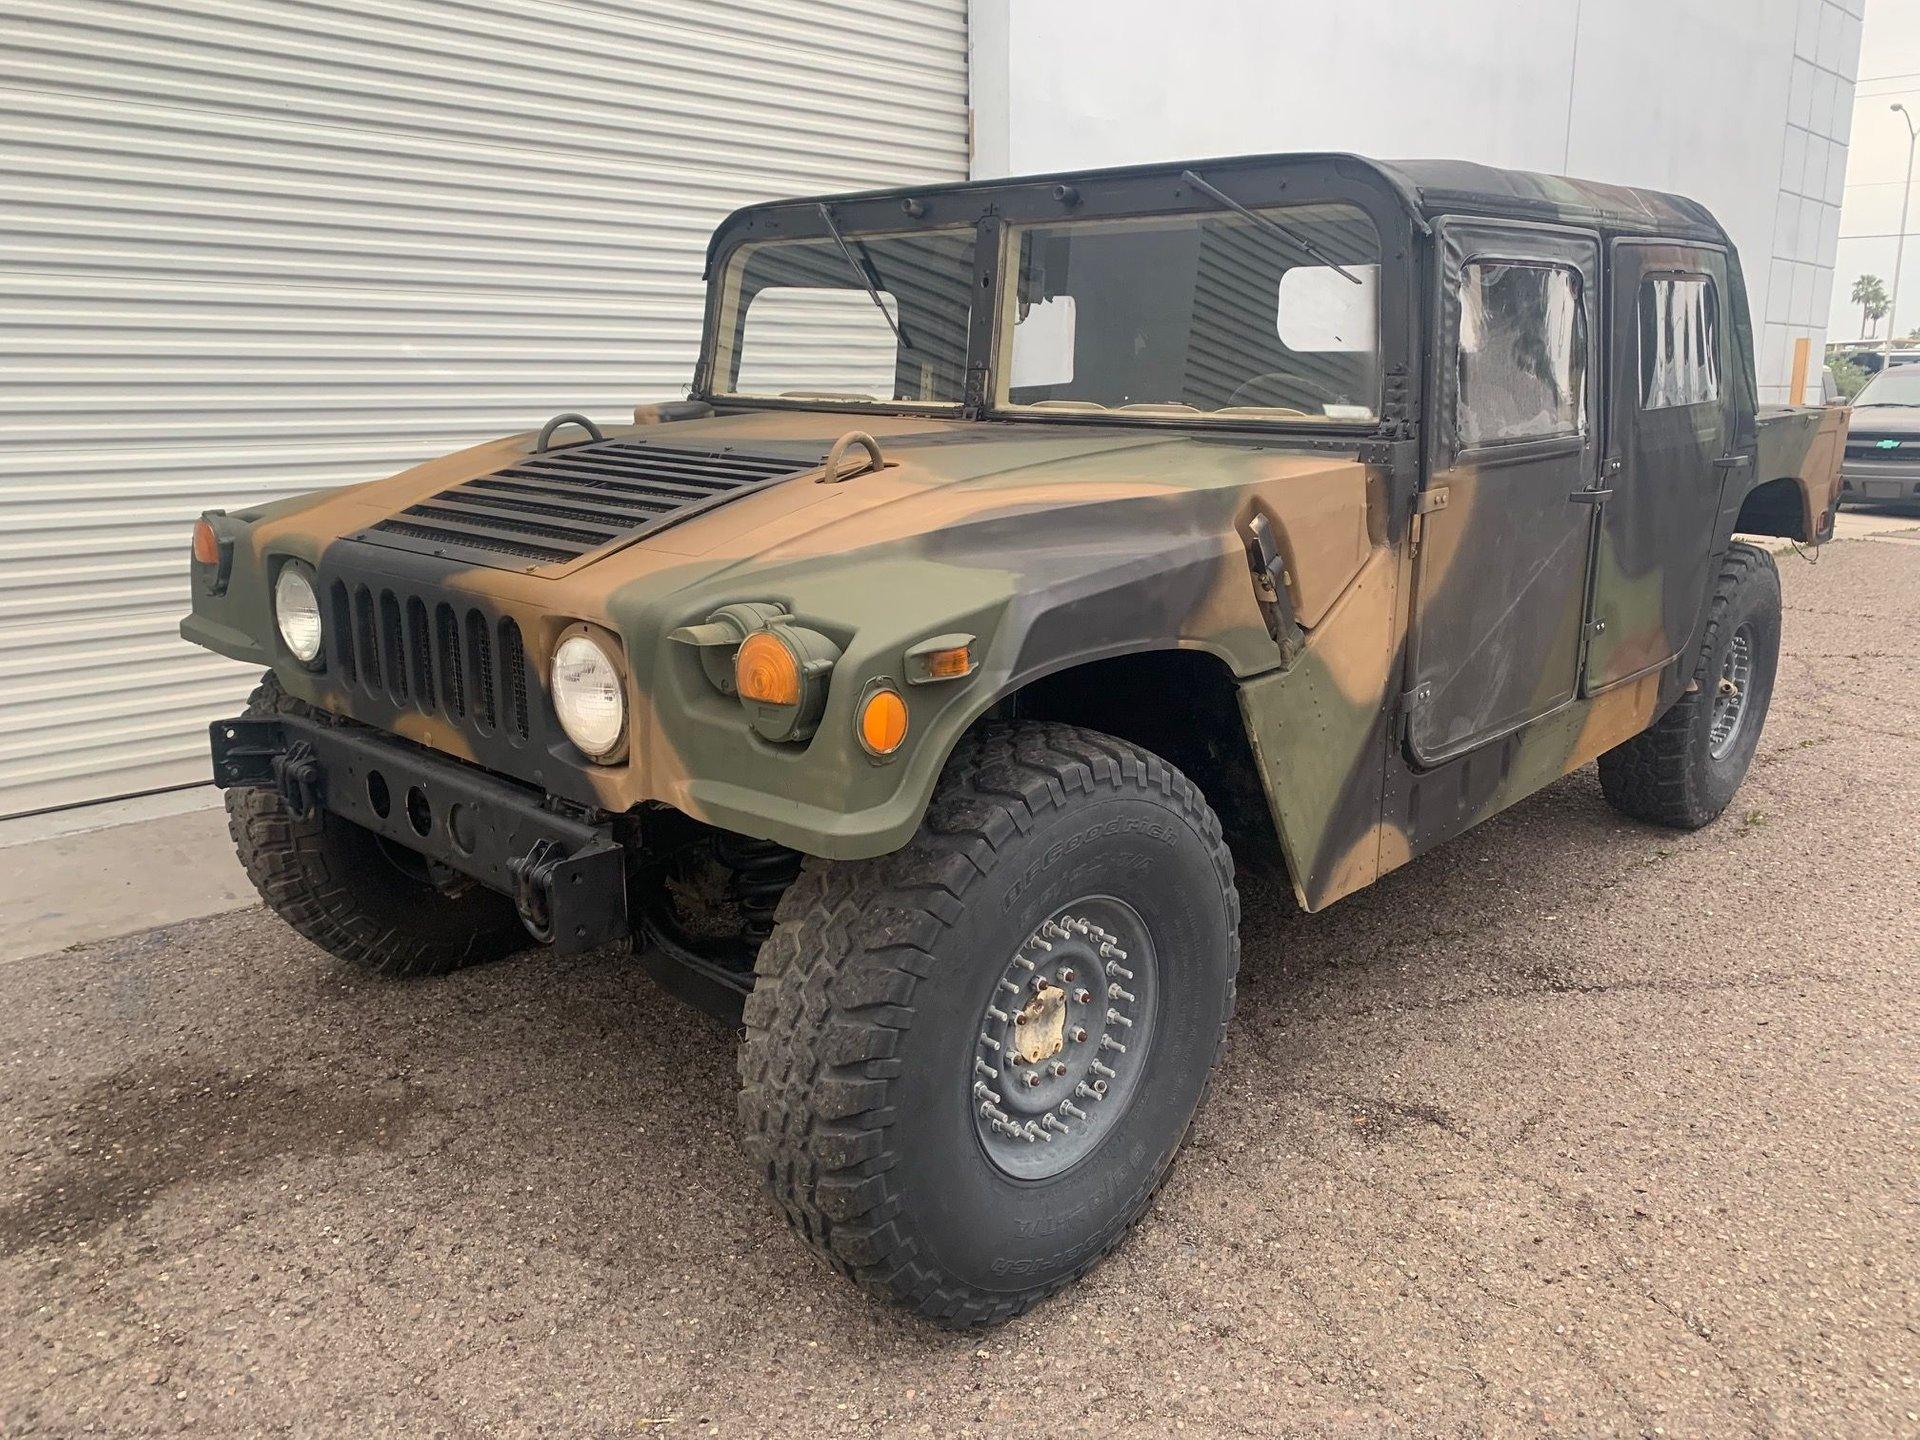 1993 american general humvee m98 military